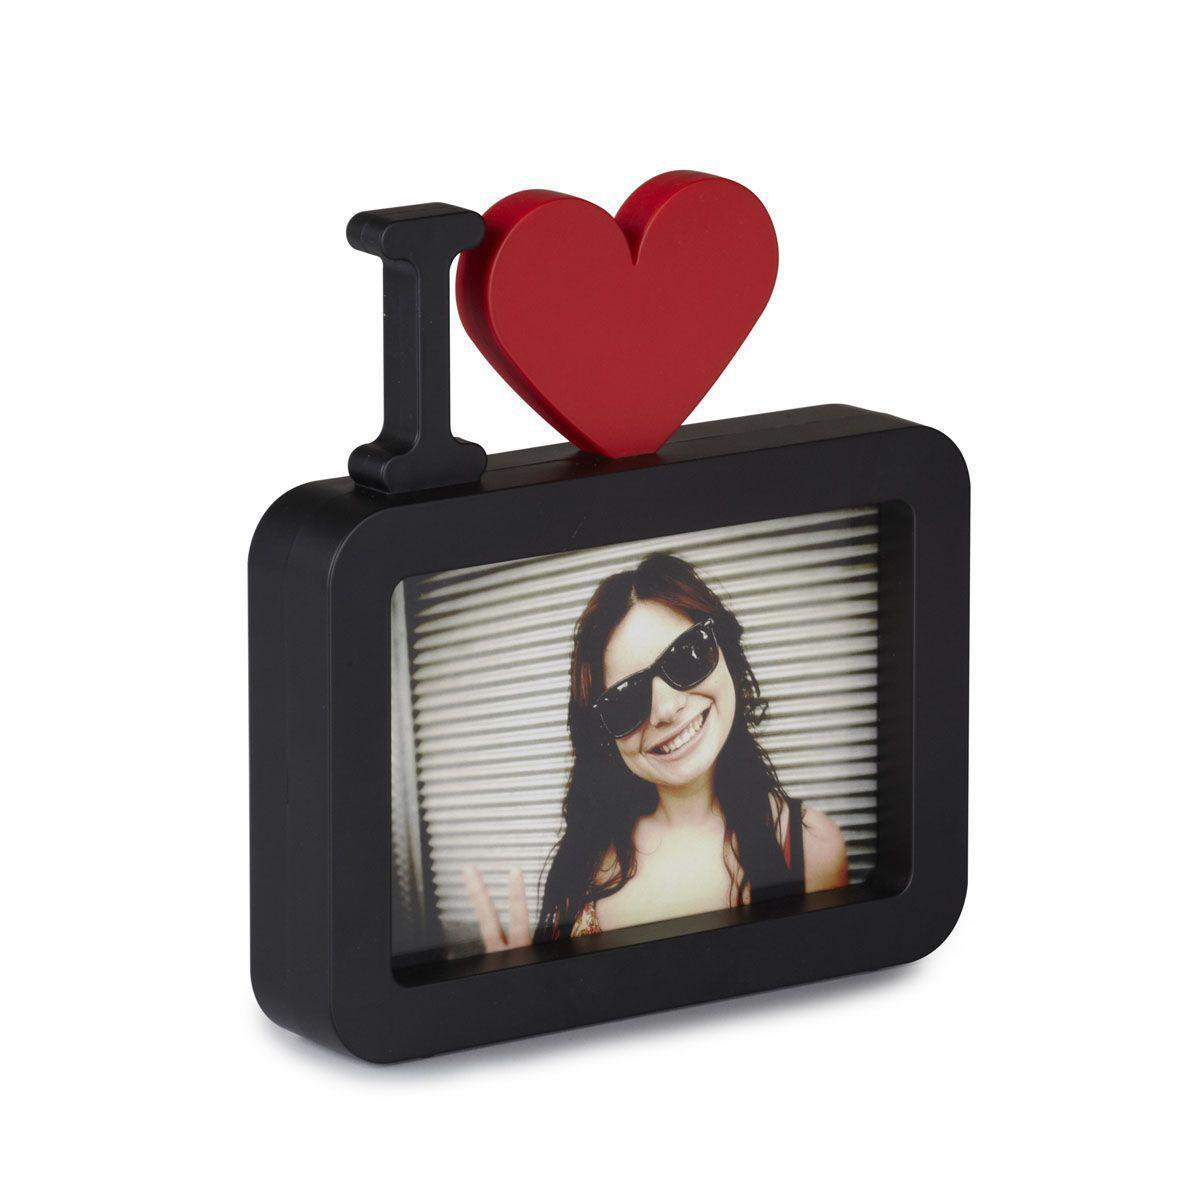 Фоторамка настольная I love U, цвет: черный, 10 х 15 см74-0120Оригинальная фоторамка I love U выполнена из пластика и оформлена буквой I и красным сердцем, поместив в нее фотографию, вы получите оригинальное признание в любви. Рамка очень устойчива, и ее можно поставить на столик или любую другую поверхность. Рамка позволит сохранить на память изображения дорогих вам людей и интересных событий вашей жизни. С таким украшением вы сможете не просто внести в интерьер своего дома элемент необычности, но и создать атмосферу уюта и тепла. Характеристики: Материал: пластик ABS. Размер фоторамки: 17,5 см х 12,5 х 3,2 см. Цвет: Черный. Формат фотографии: 10 см х 15 см.